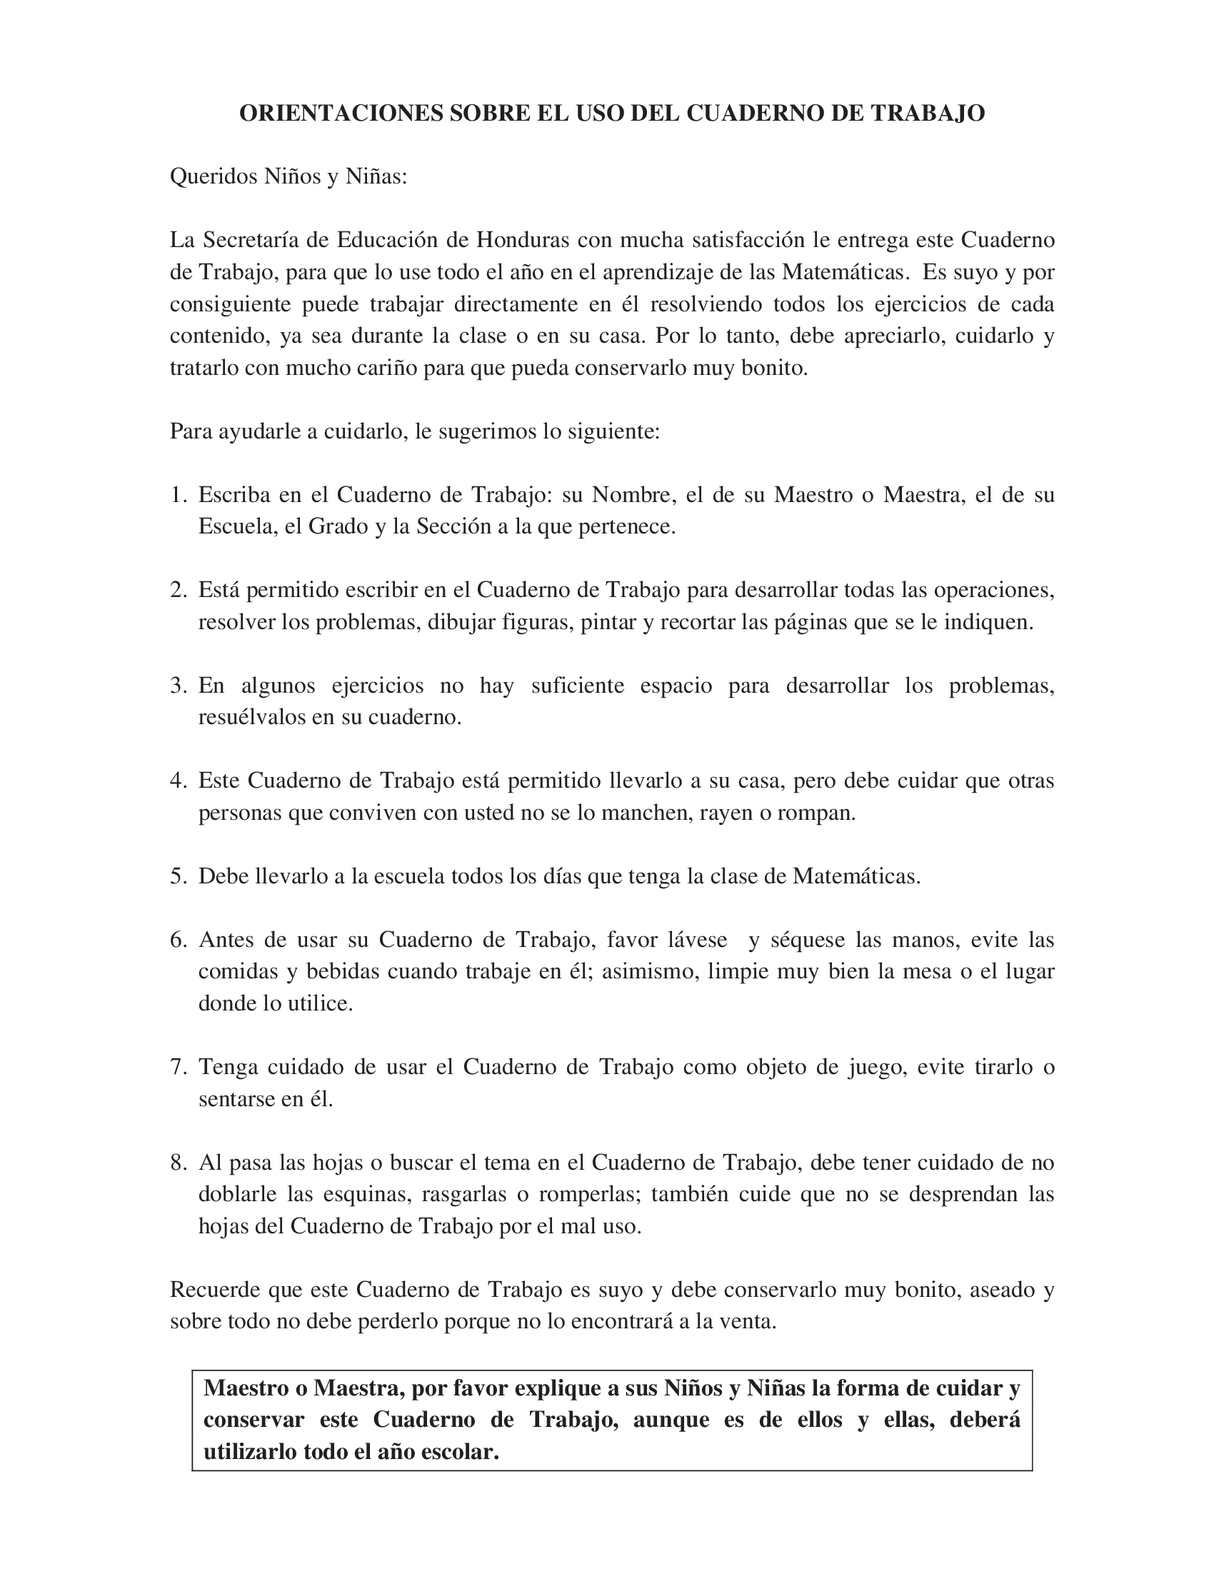 3er Grado - Cuaderno de Trabajo - Matematicas - CALAMEO Downloader